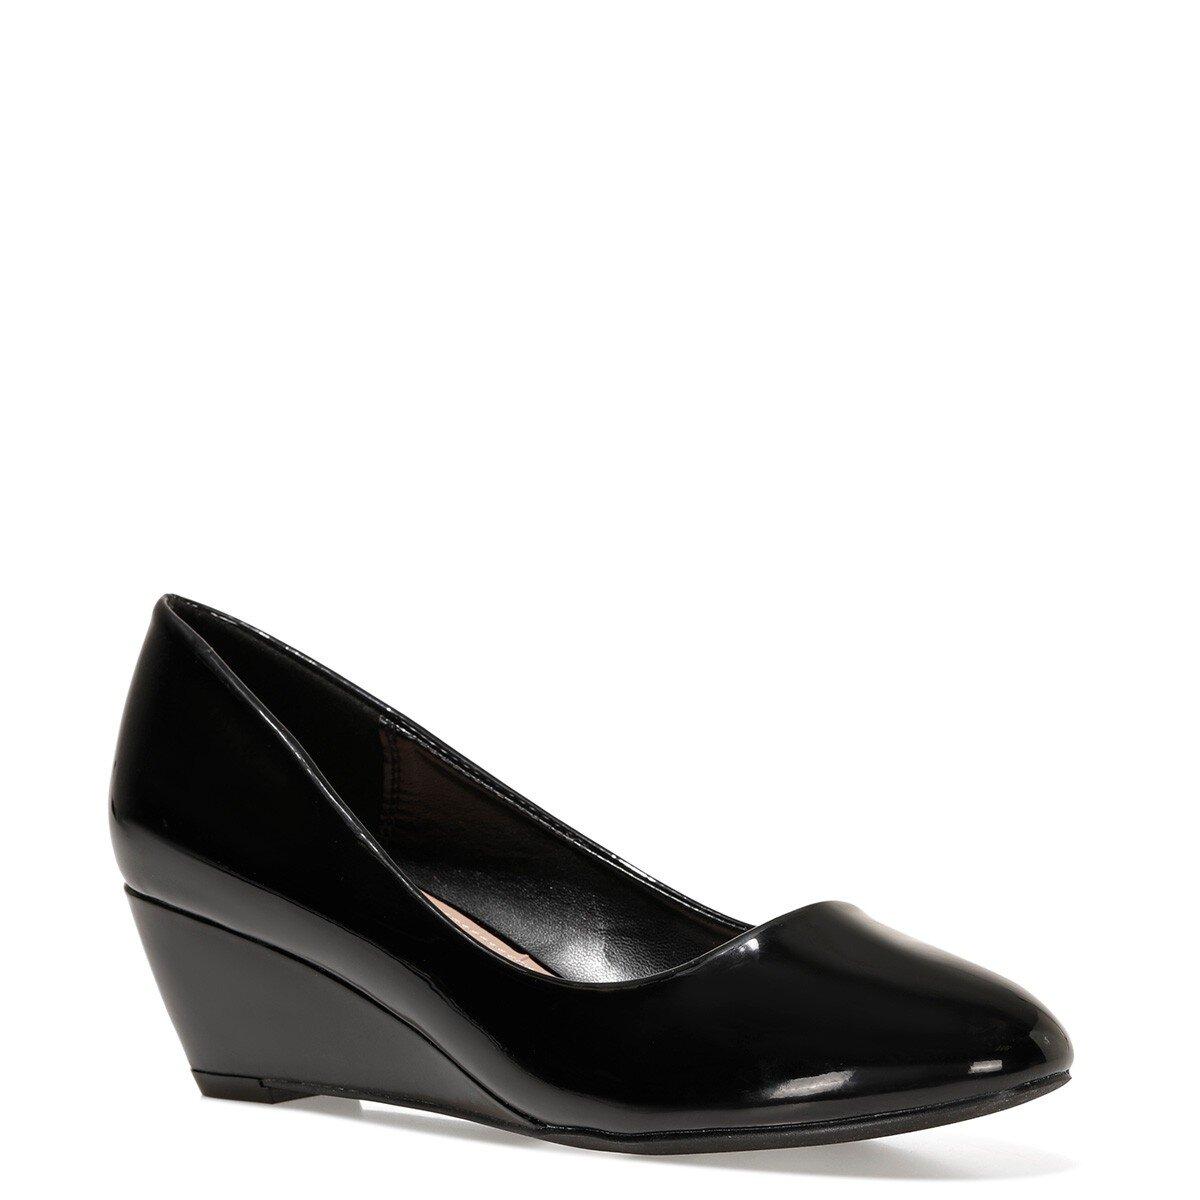 LICLA 1FX Siyah Kadın Dolgu Topuklu Ayakkabı